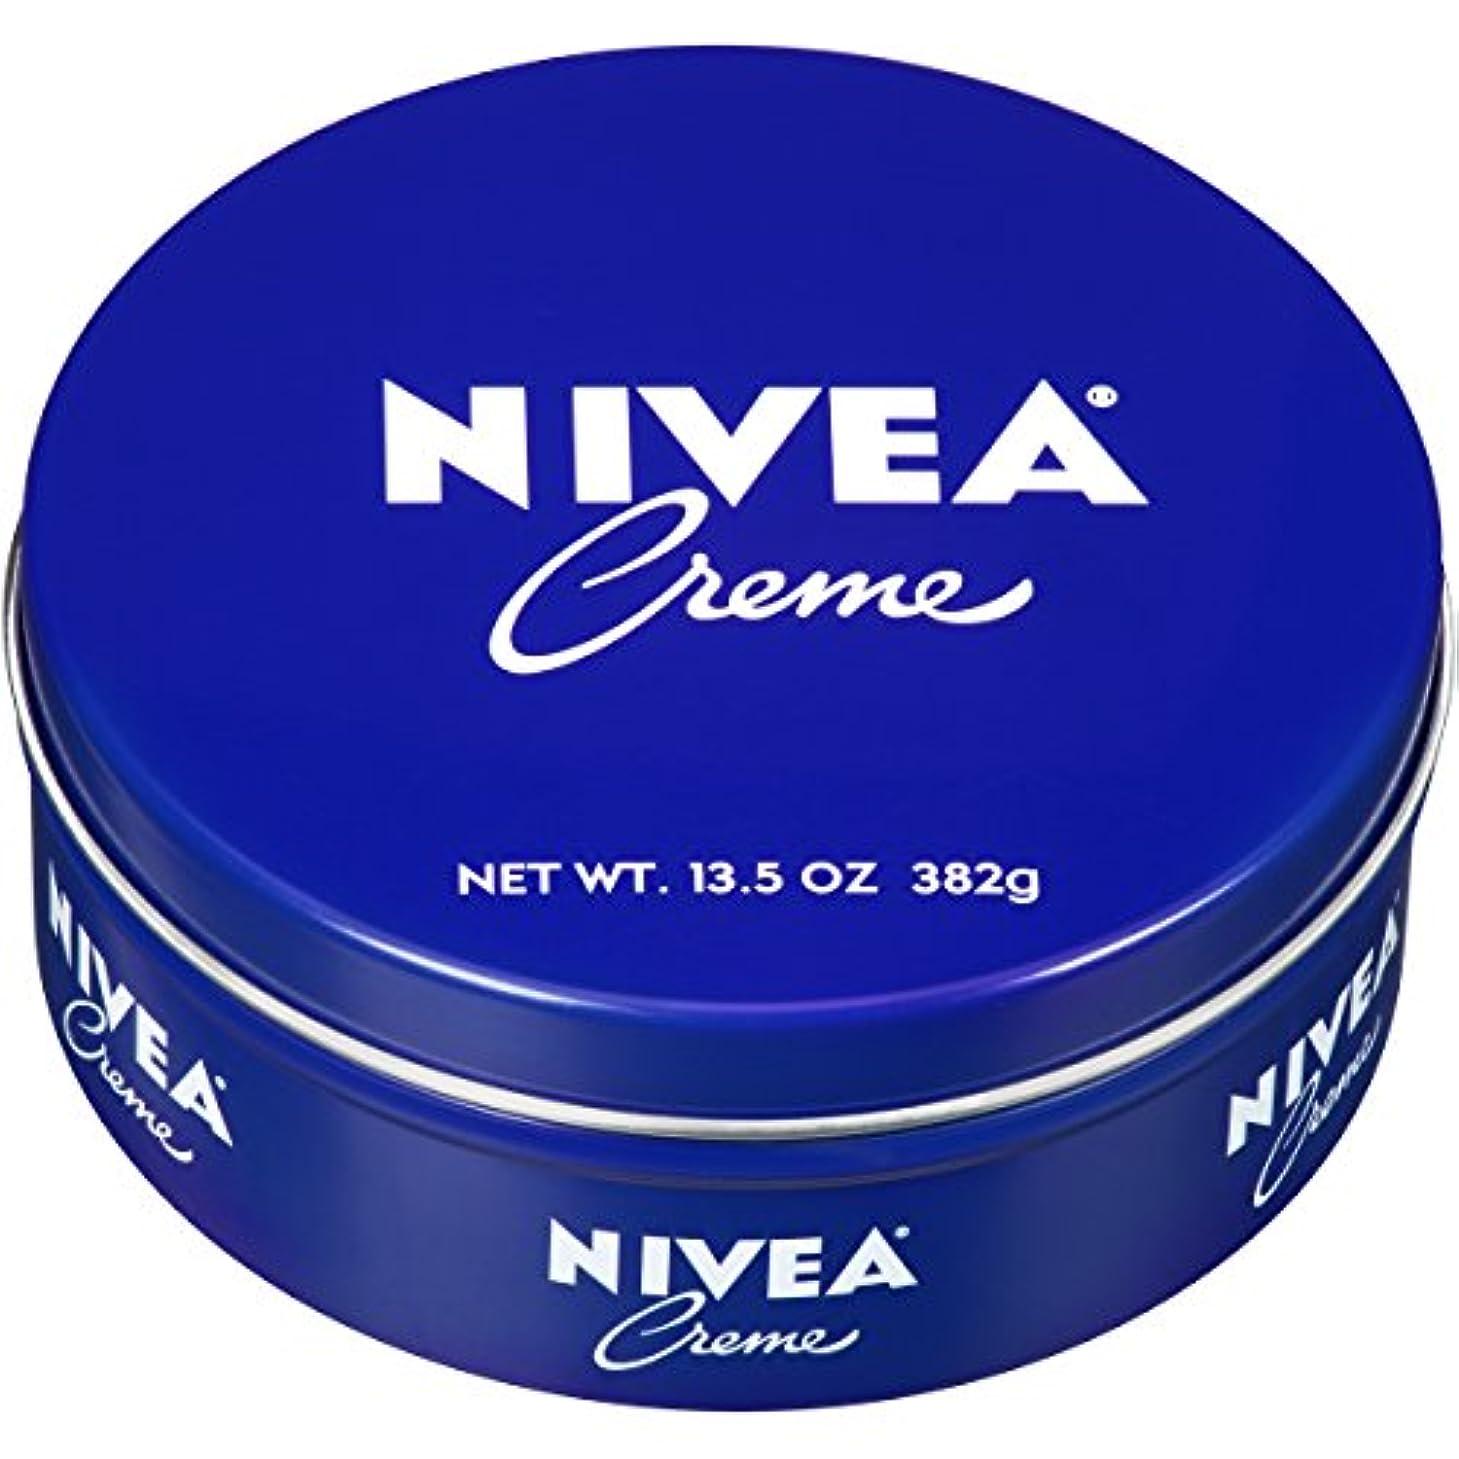 気候の山近々季節NIVEA ニベア クリーム 特大サイズ 400g アルミ缶